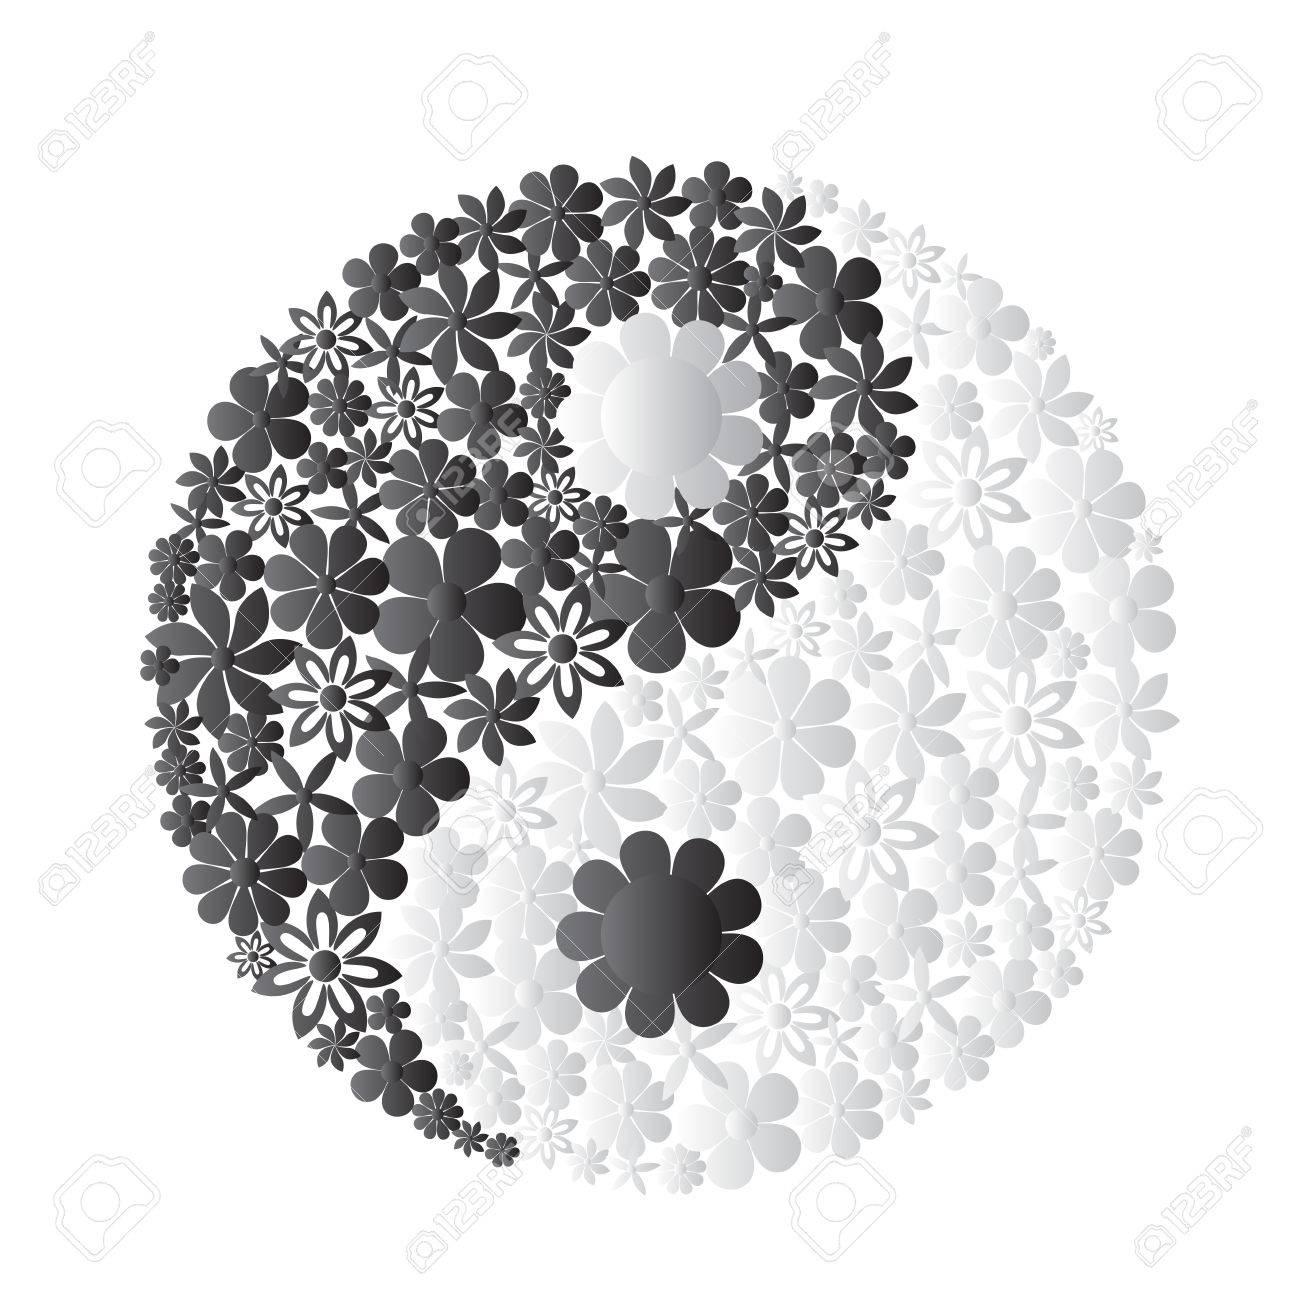 Banque d\u0027images , Symbole Yin Yang est composée de fleurs